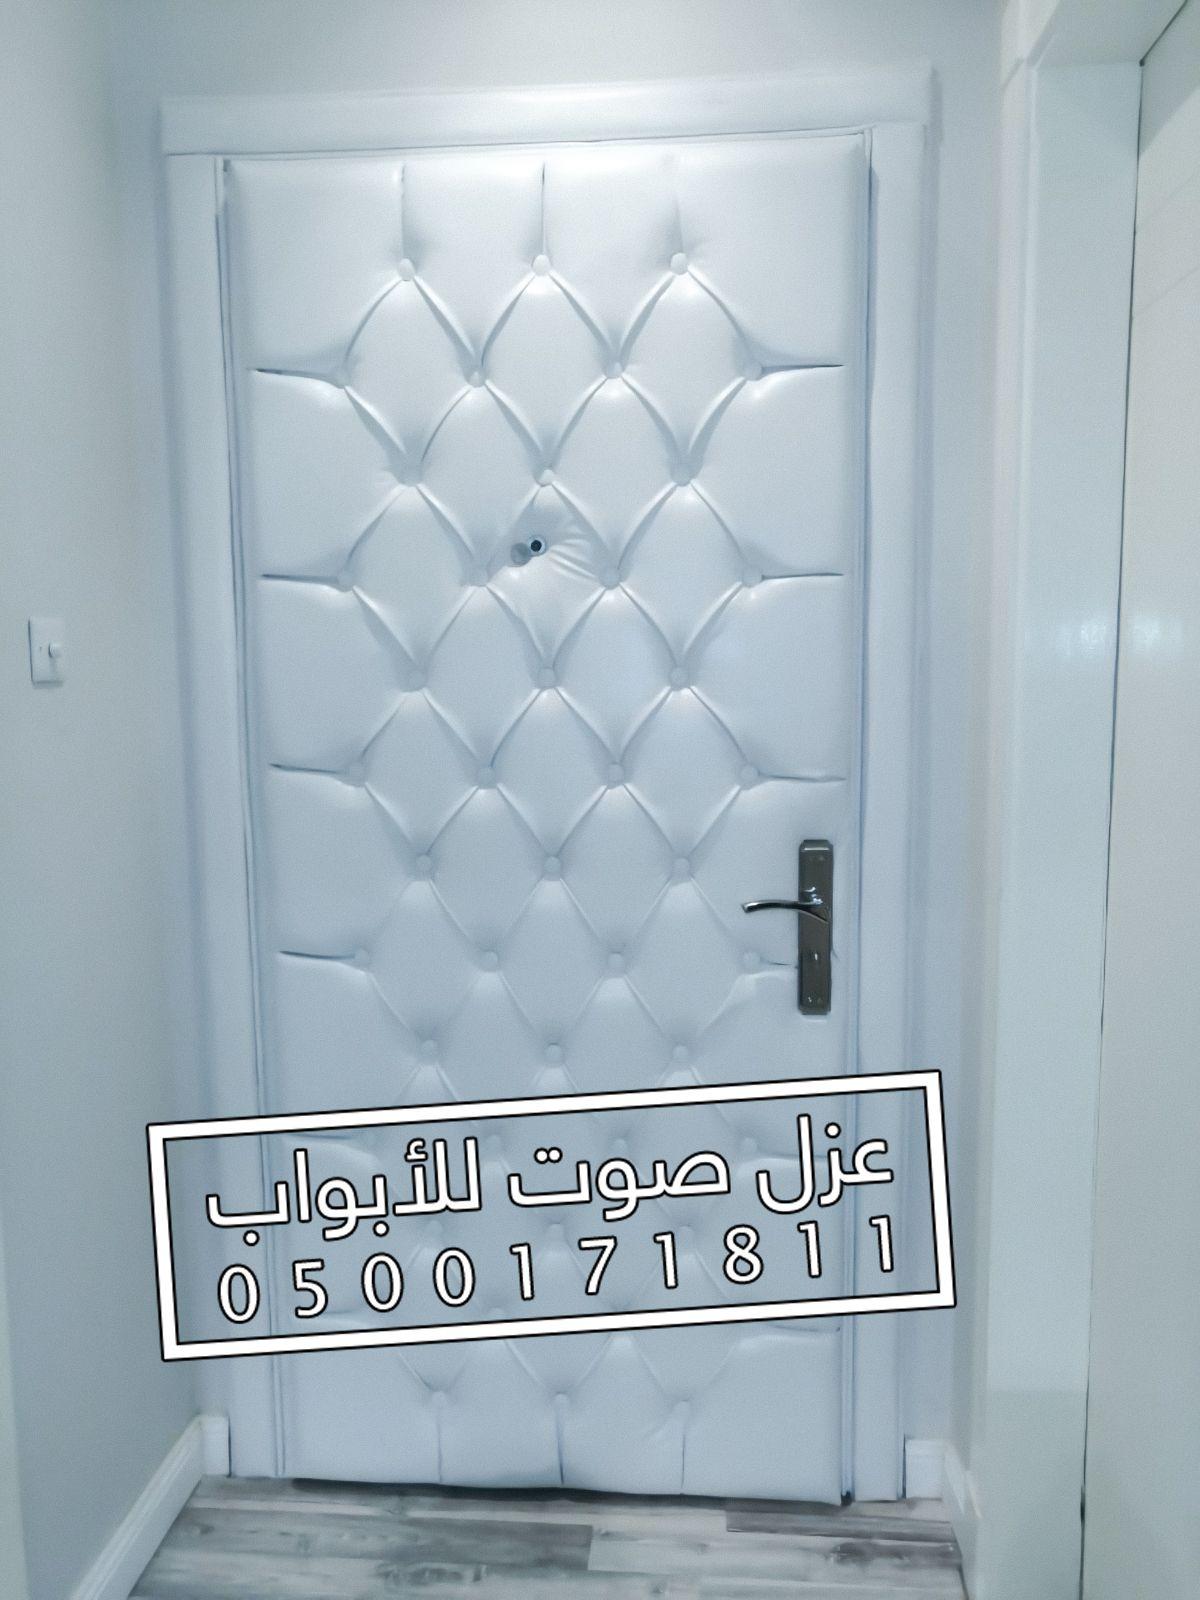 ديكور للابواب الرياض In 2021 Light Box Light